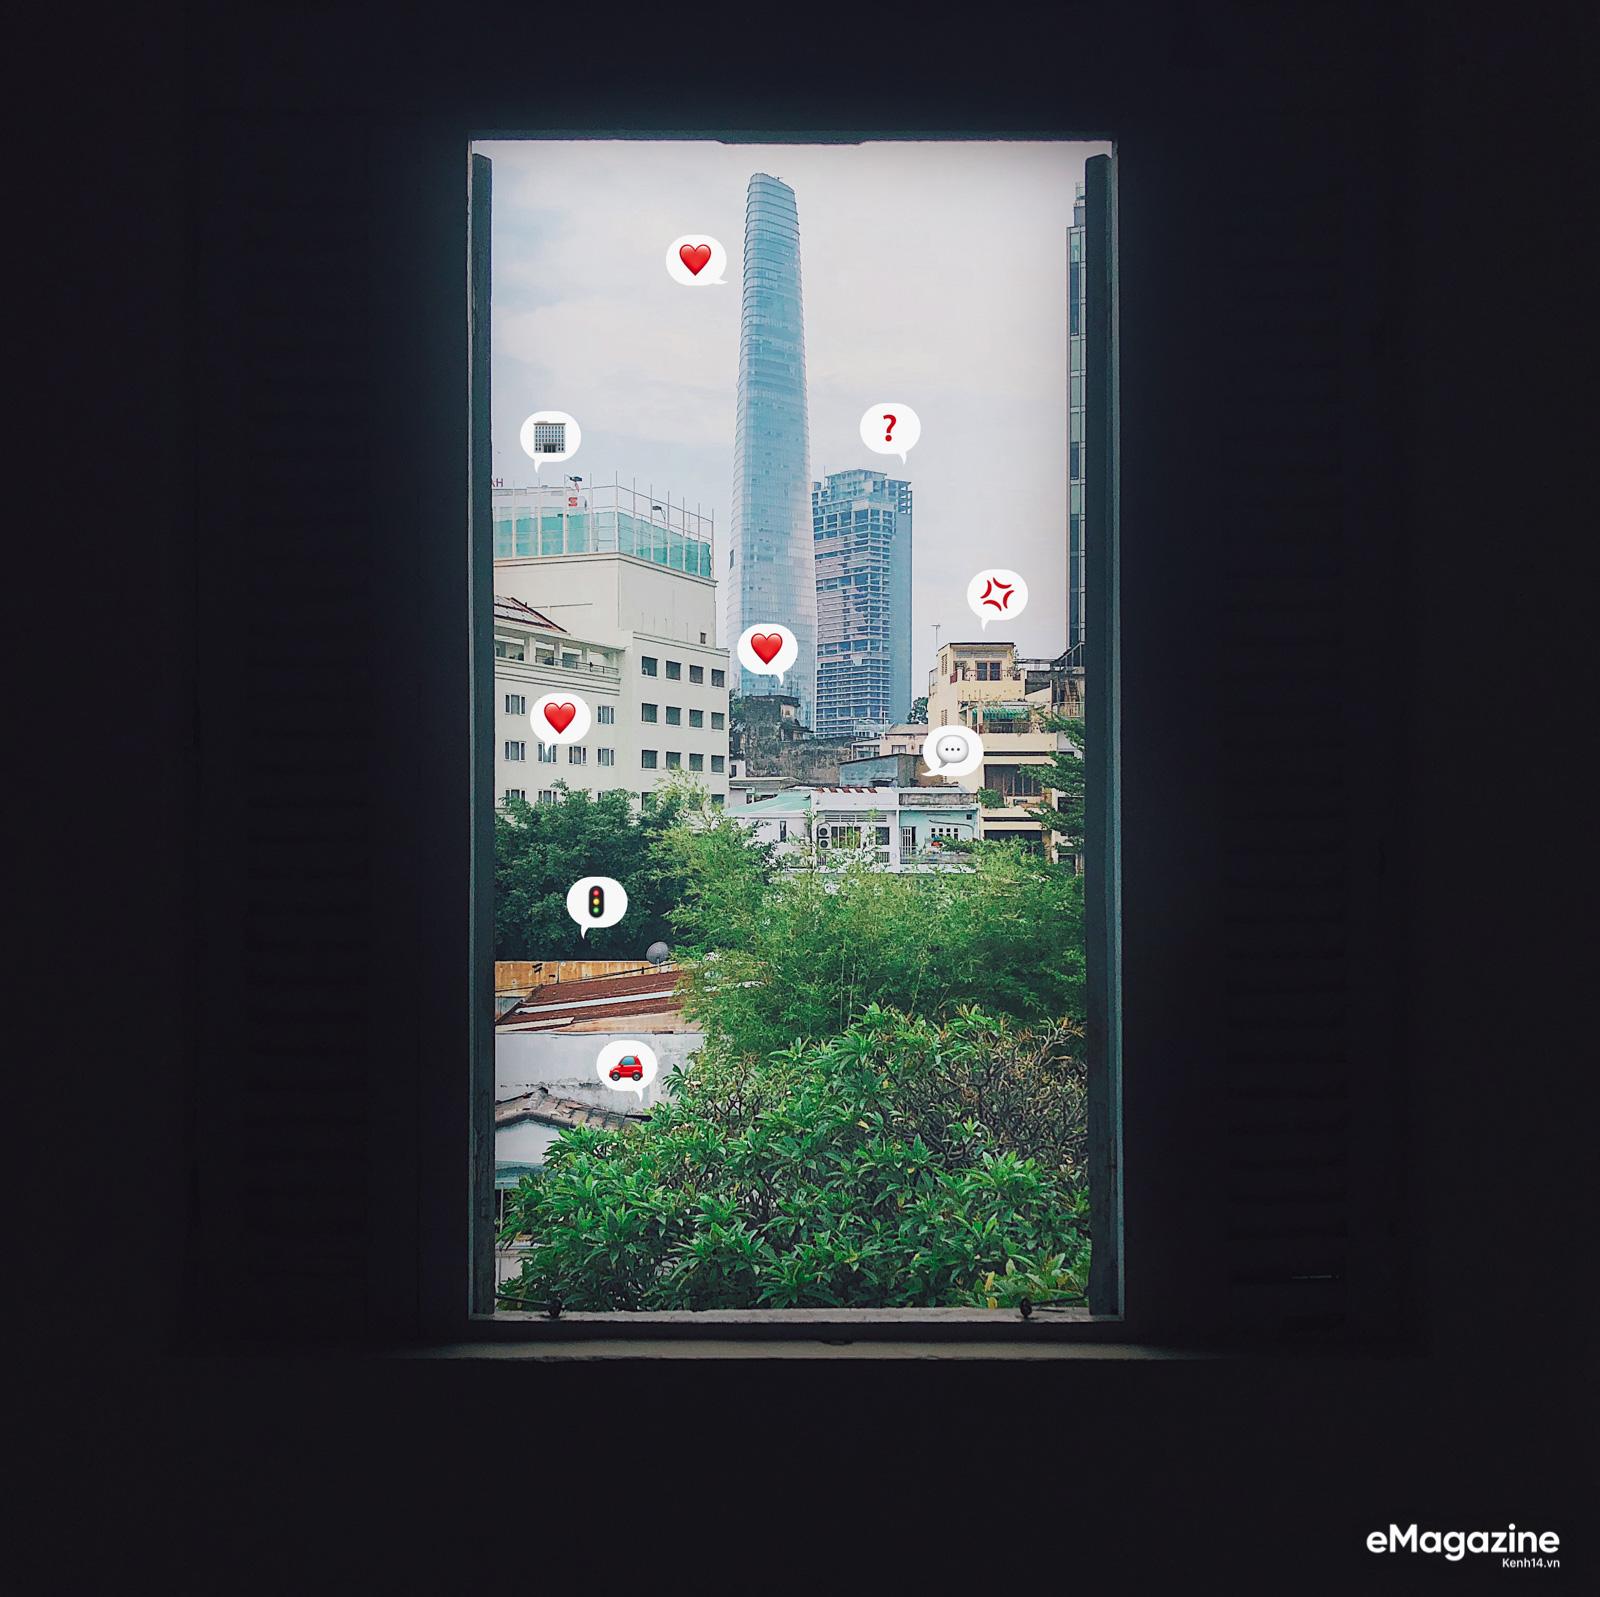 Sài Gòn thiệt thương: Nơi ta để lại tuổi trẻ nhiều nhất, đó sẽ là nơi bình yên nhất - Ảnh 18